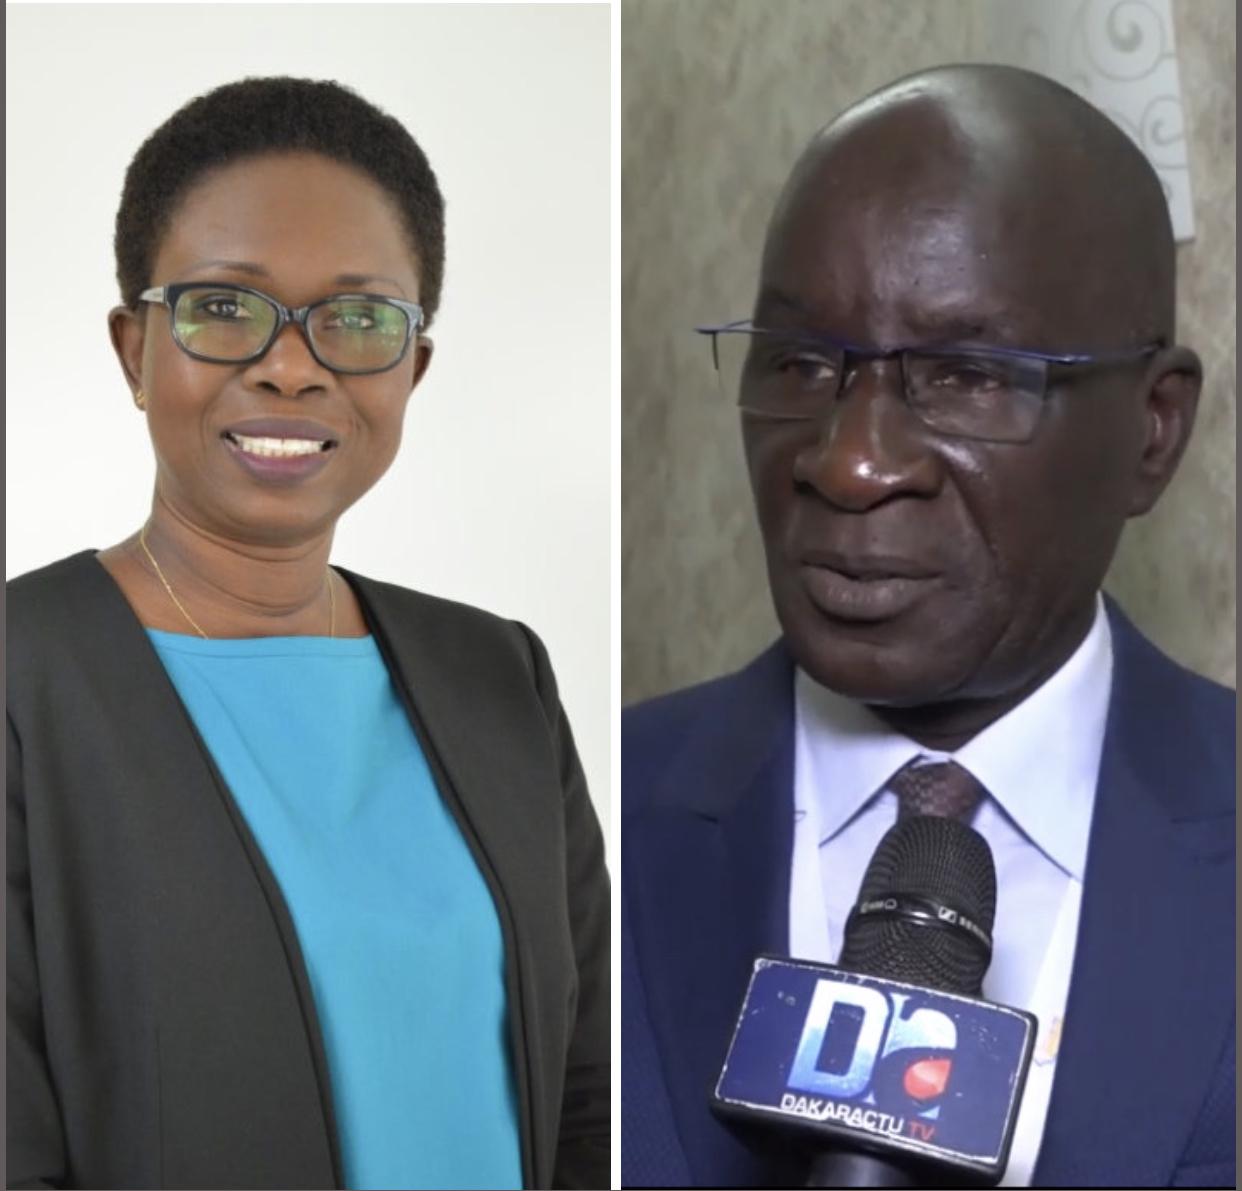 SAR : Serigne Mboup quitte, Mme Mariême Ndoye Decraene prend les commandes de la boîte.